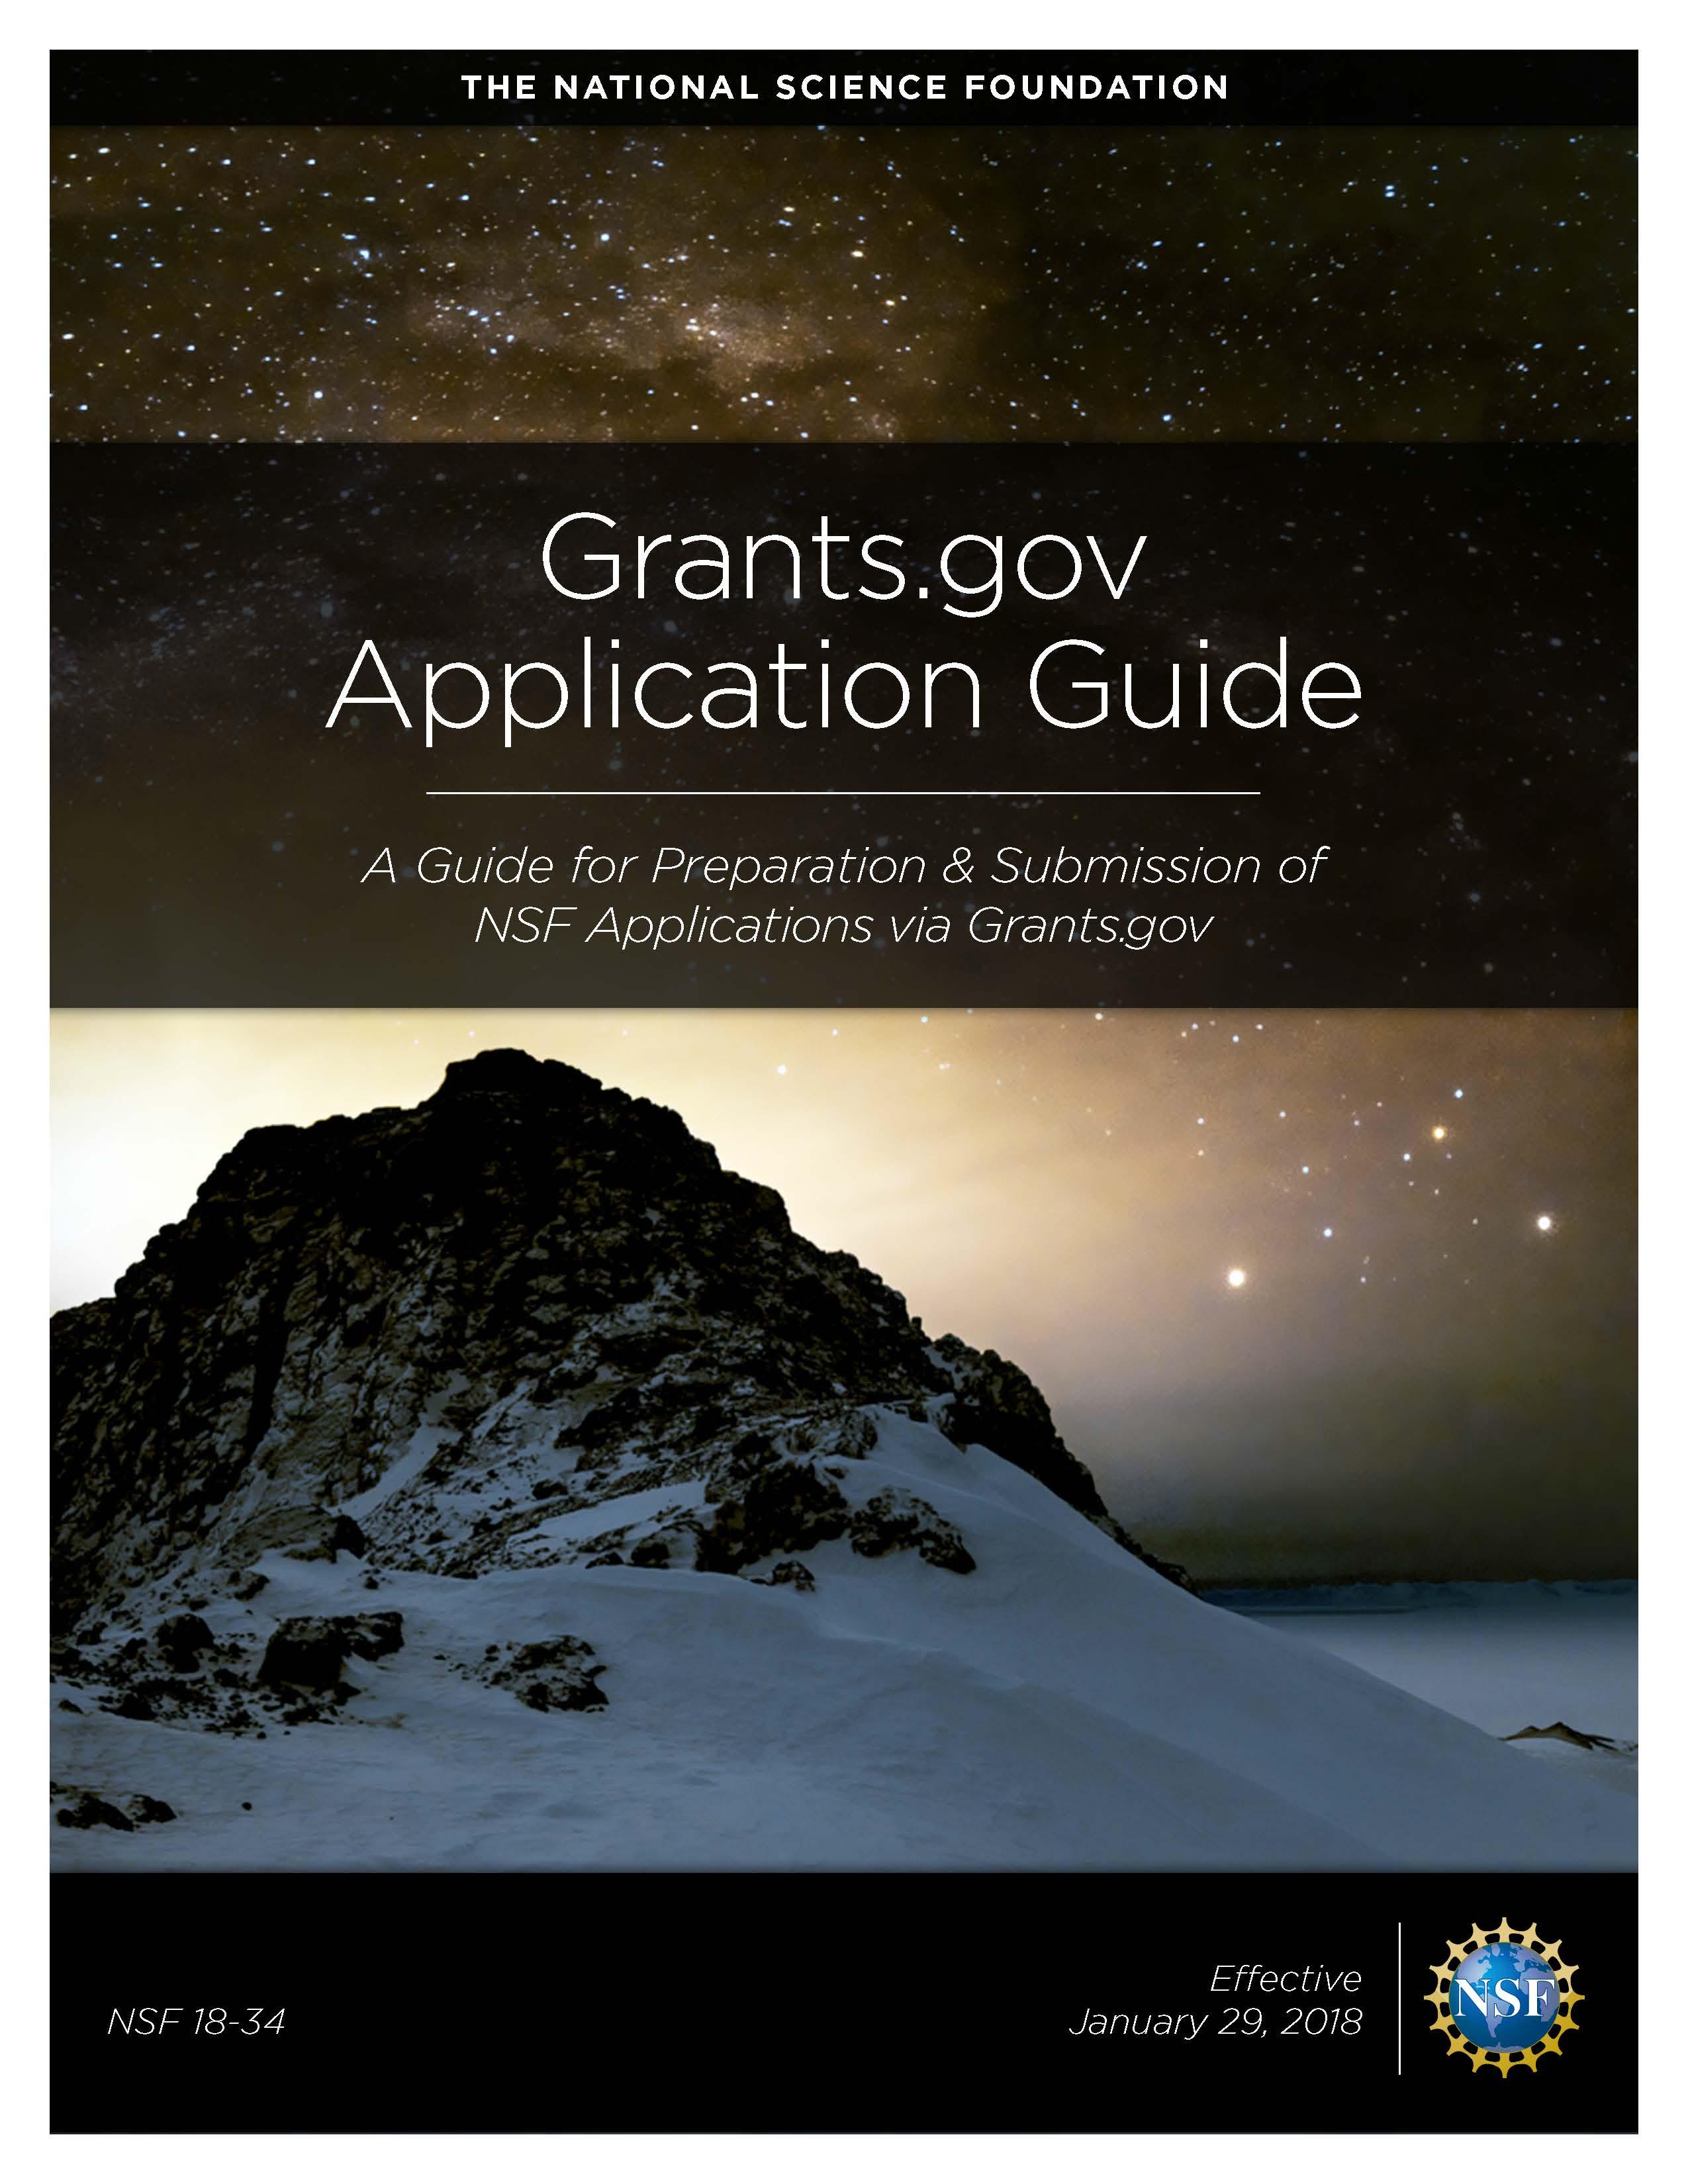 Grants.gov App Guide